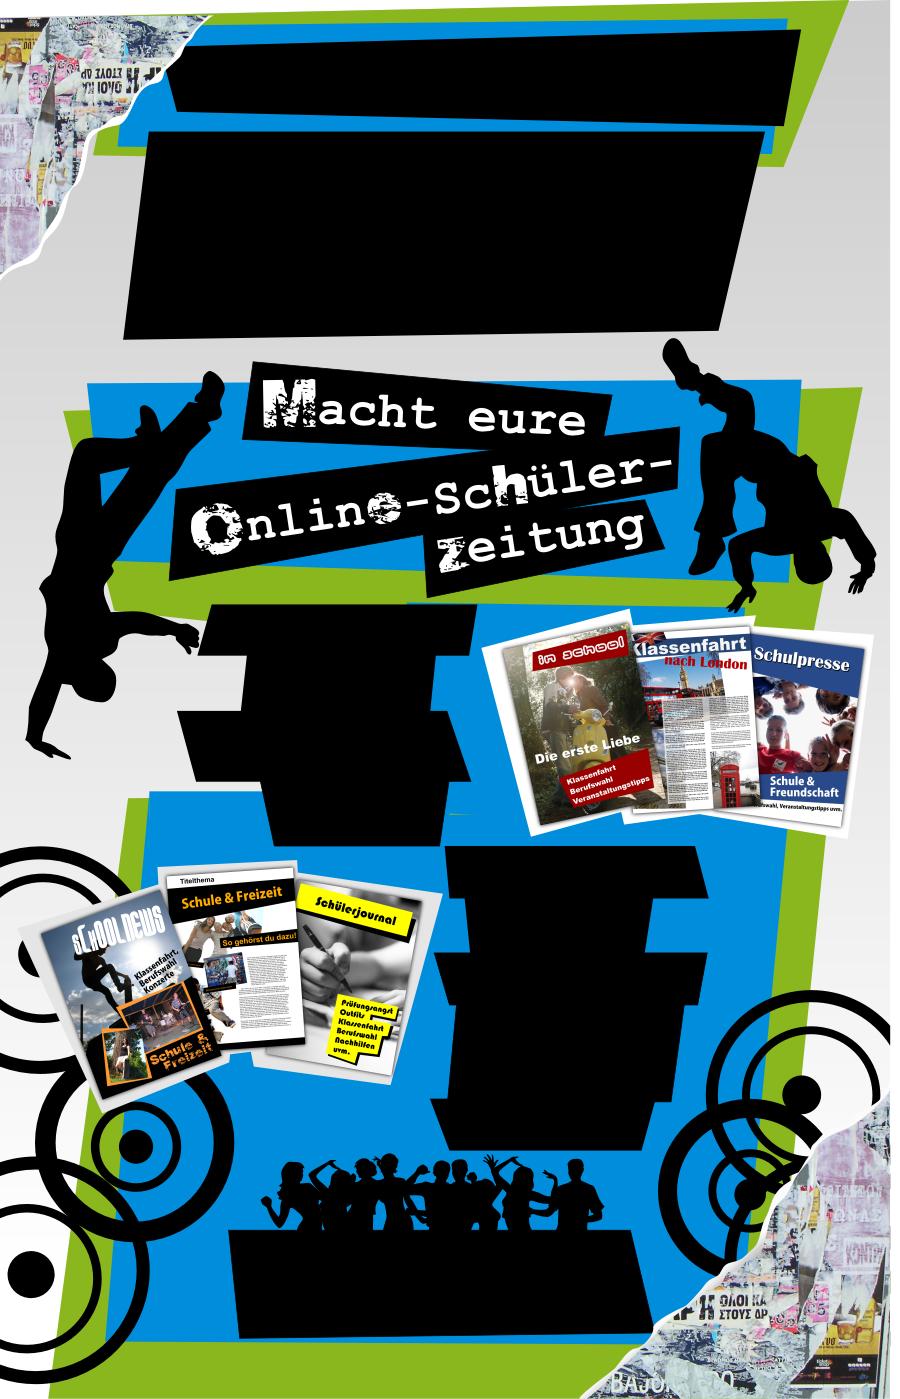 Schülerzeitung Eure eigene Online-Schülerzeitung Online-Schülerzeitung